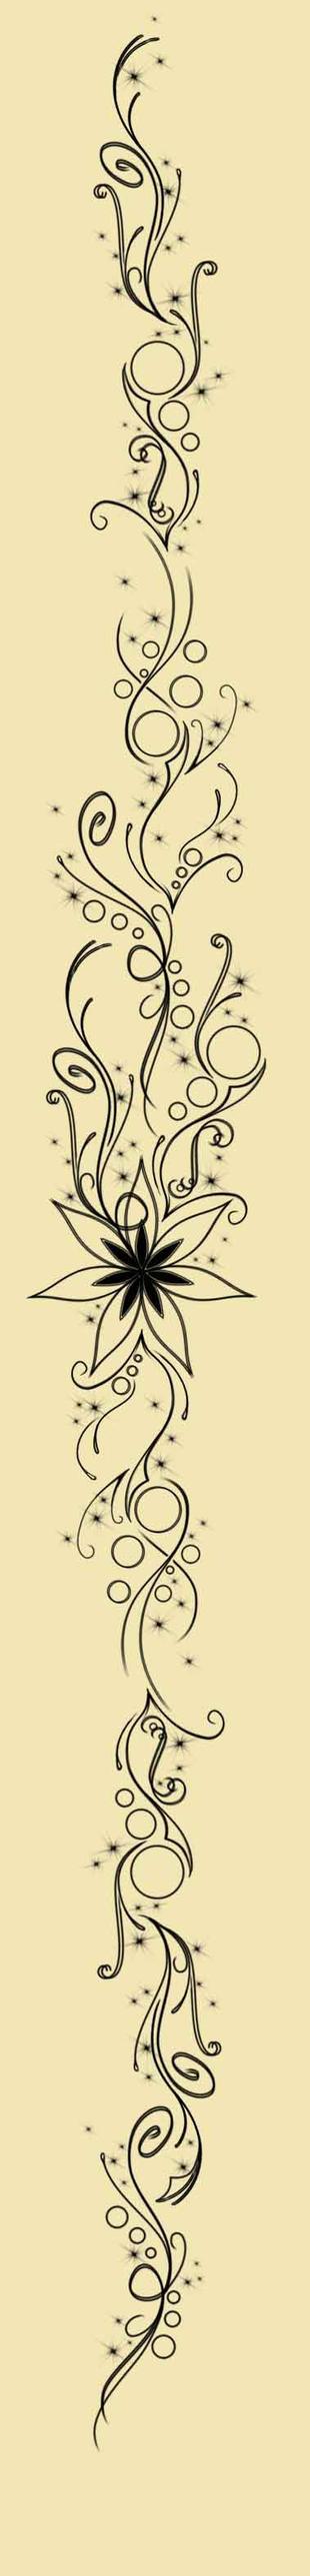 Daisy chain by Fairyality